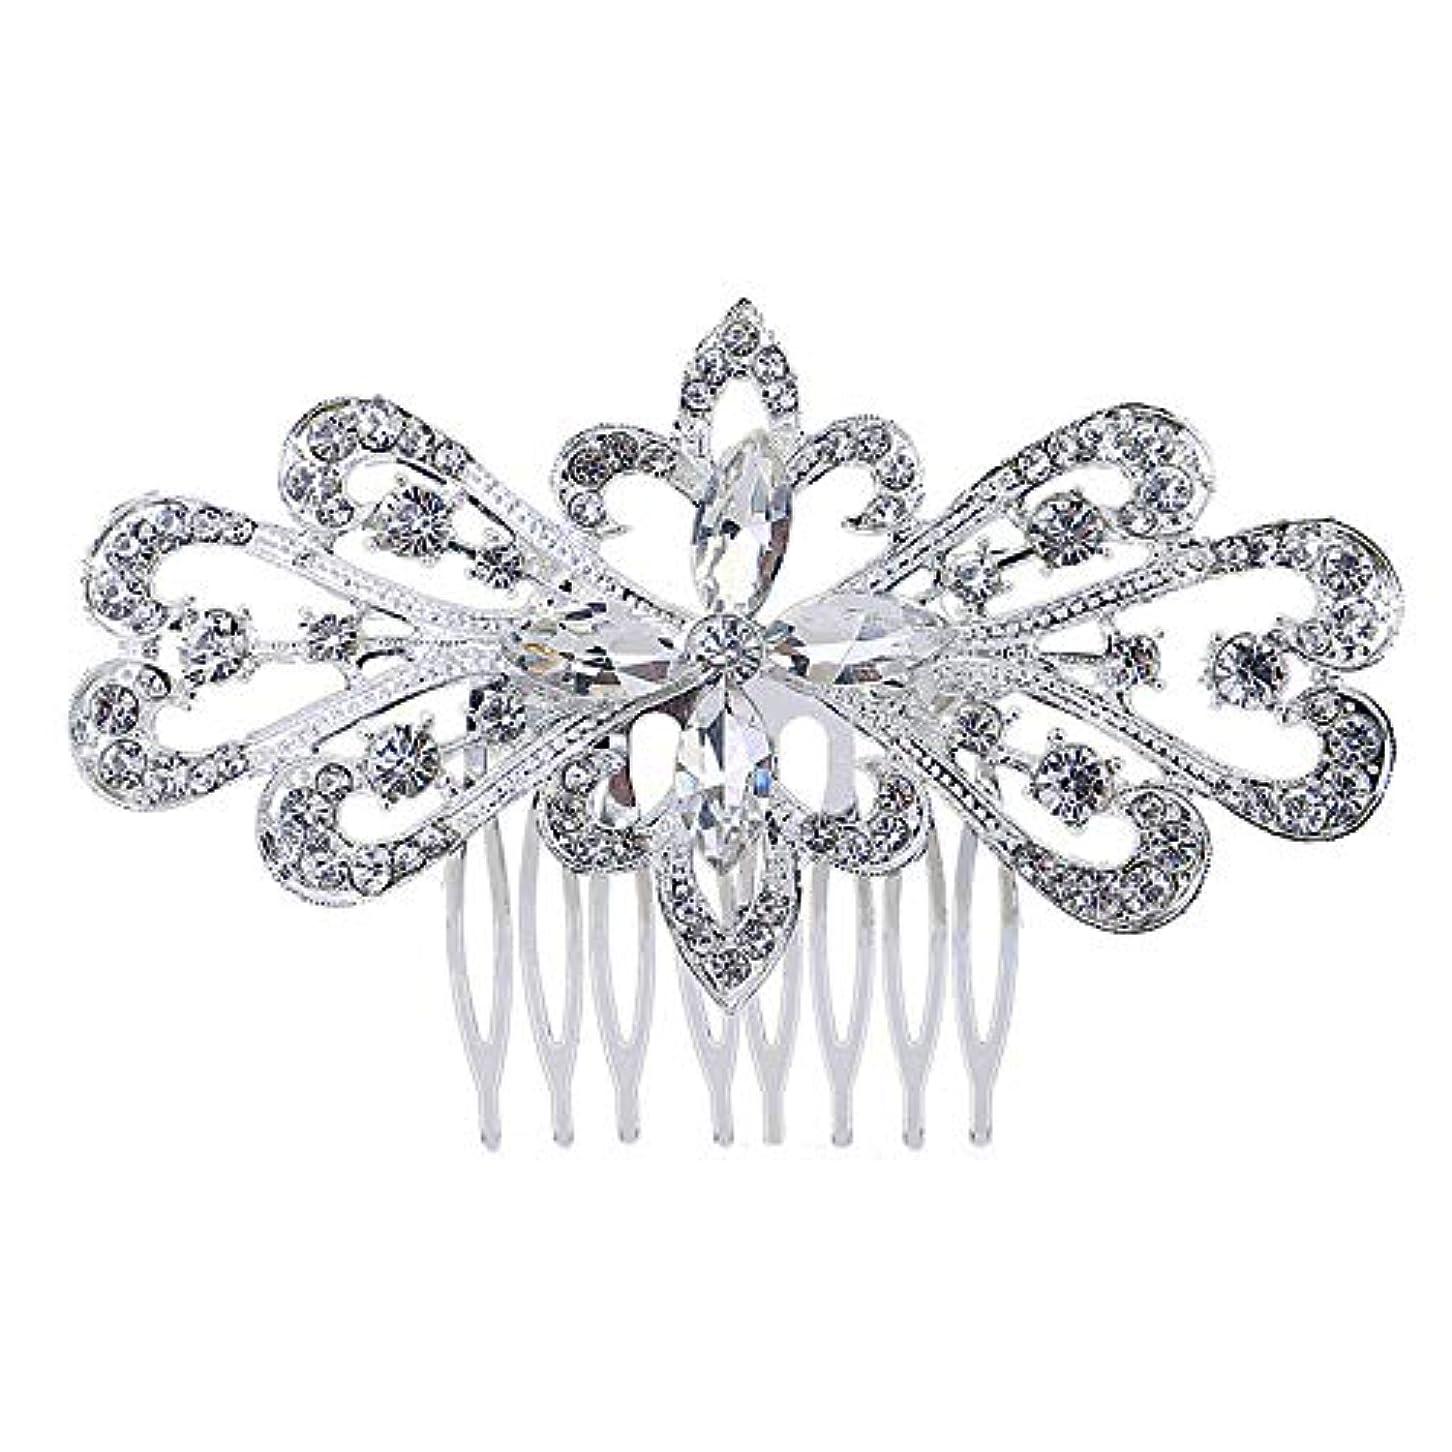 操作ビスケット喉が渇いた髪の櫛の櫛の櫛の花嫁の髪の櫛の花の髪の櫛のラインストーンの挿入物の櫛の合金の帽子の結婚式のアクセサリー